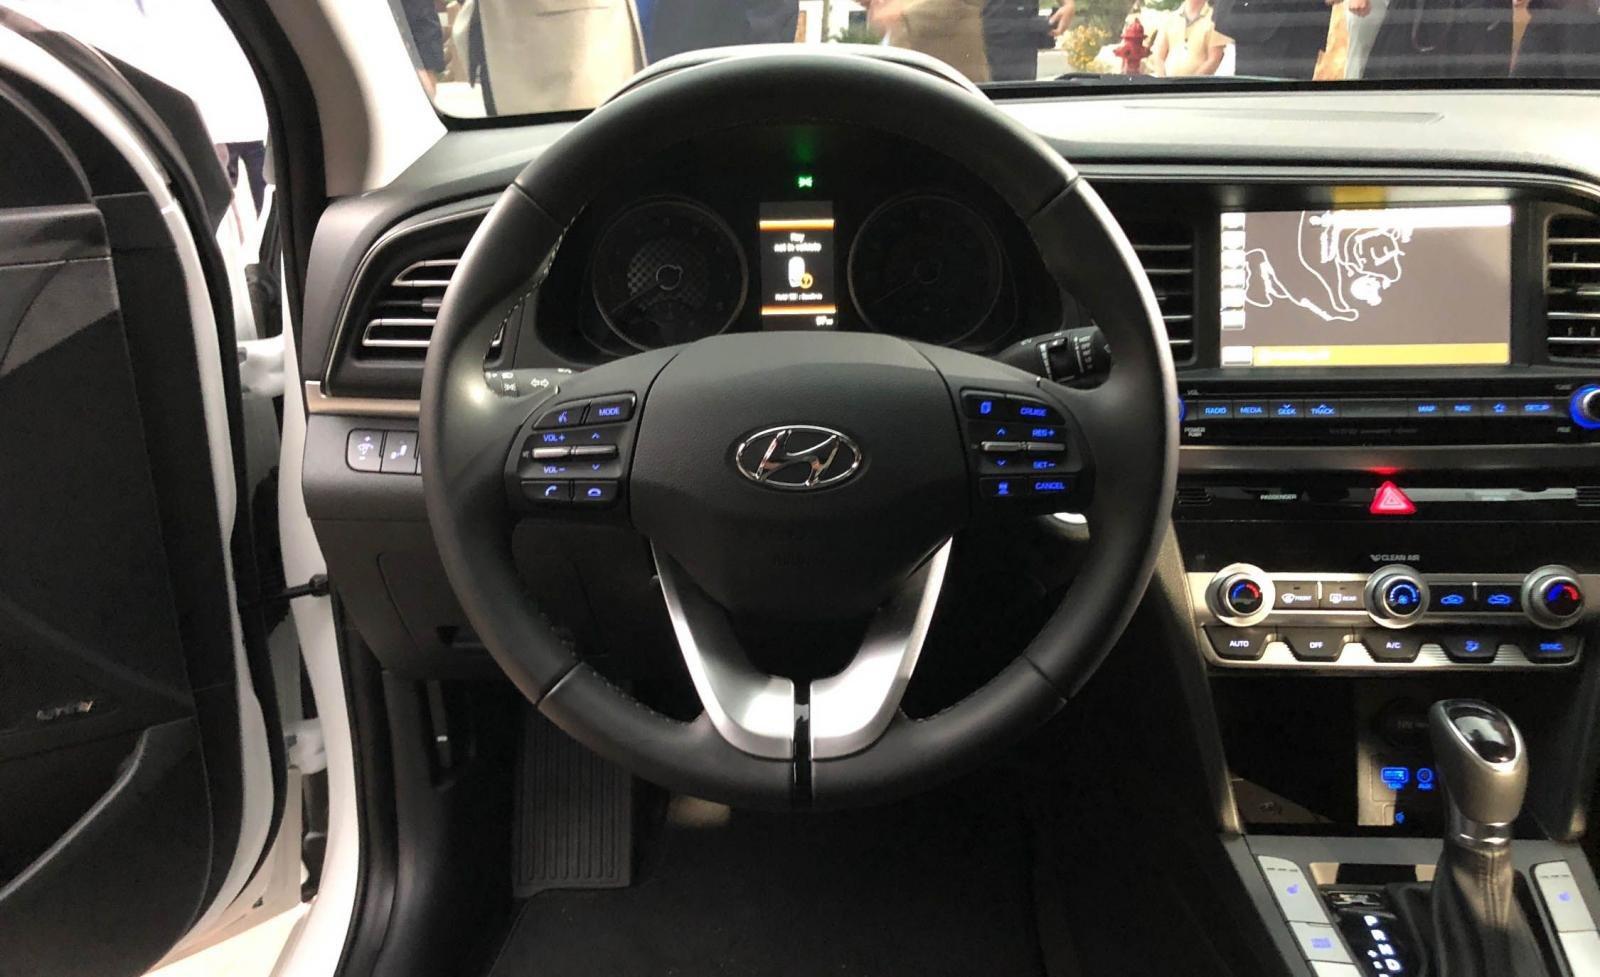 Cận cảnh chiếc Hyundai Elantra 2019 đã hoàn thiện tại nhà máy, chuẩn bị ra mắt - Ảnh 1.